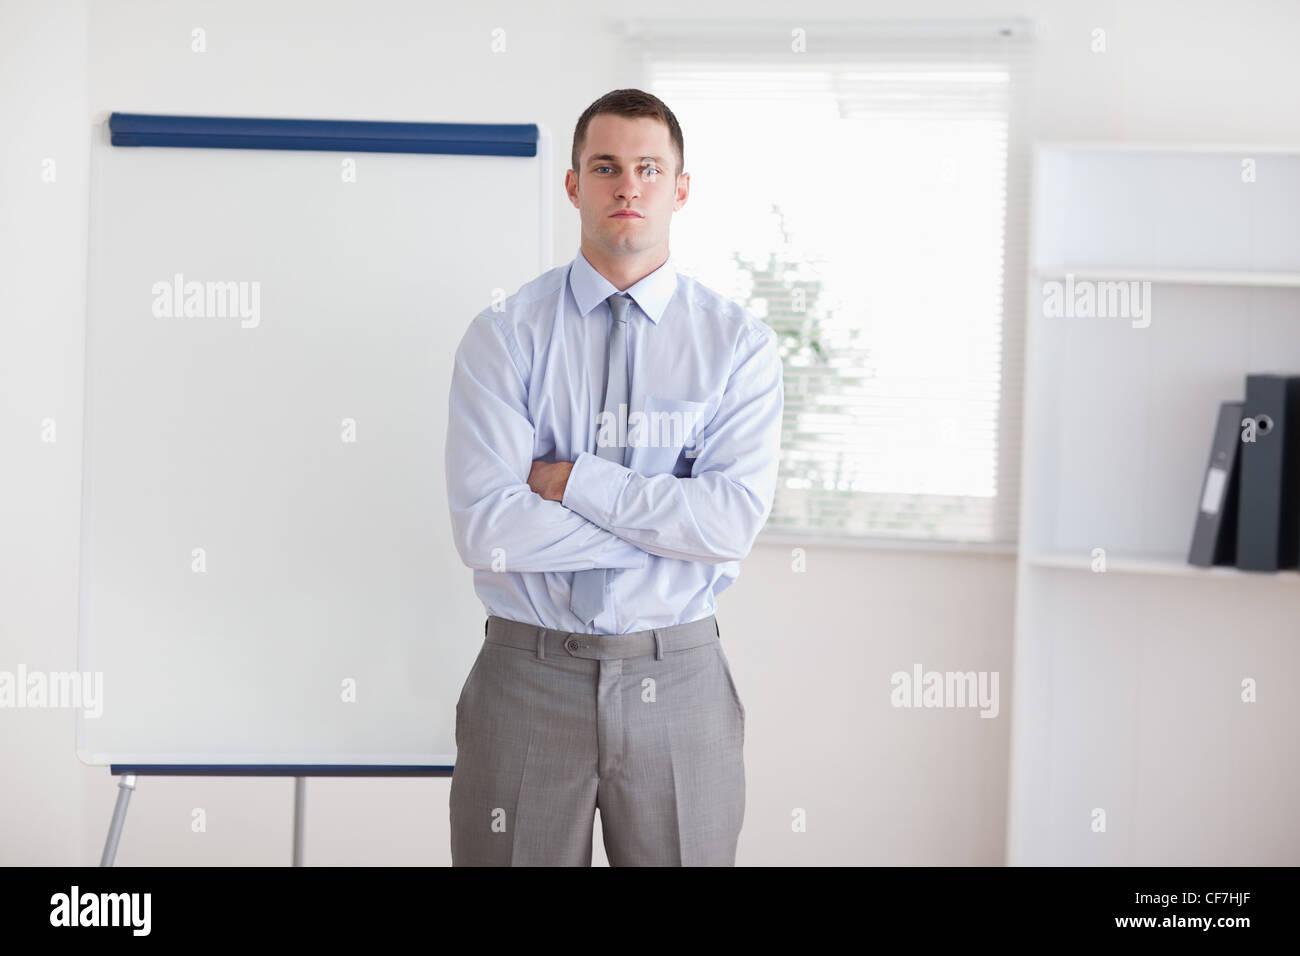 Businessman prêt à donner une présentation Photo Stock